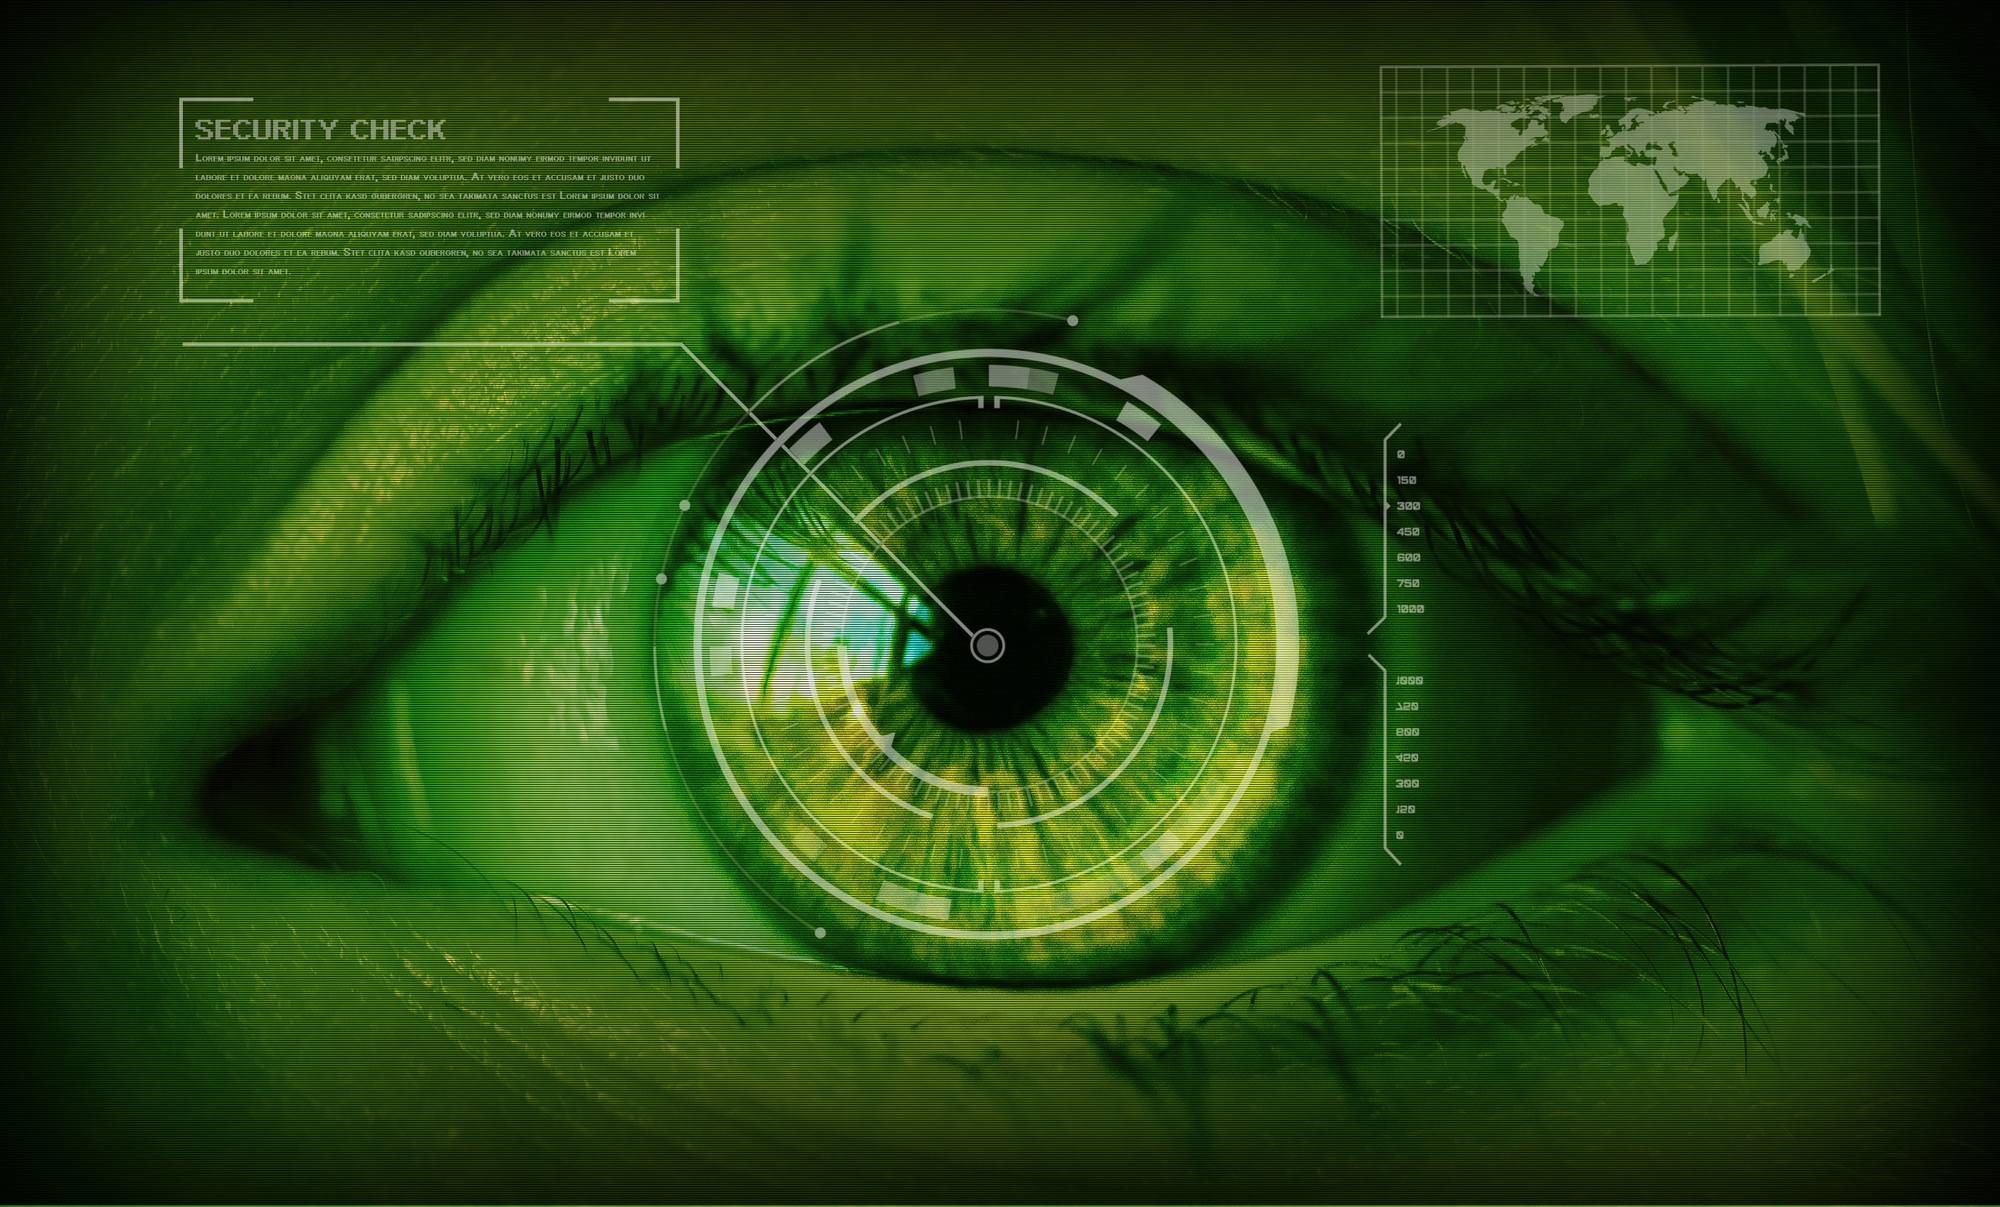 Bild: Grünes, alles überwachendes Auge